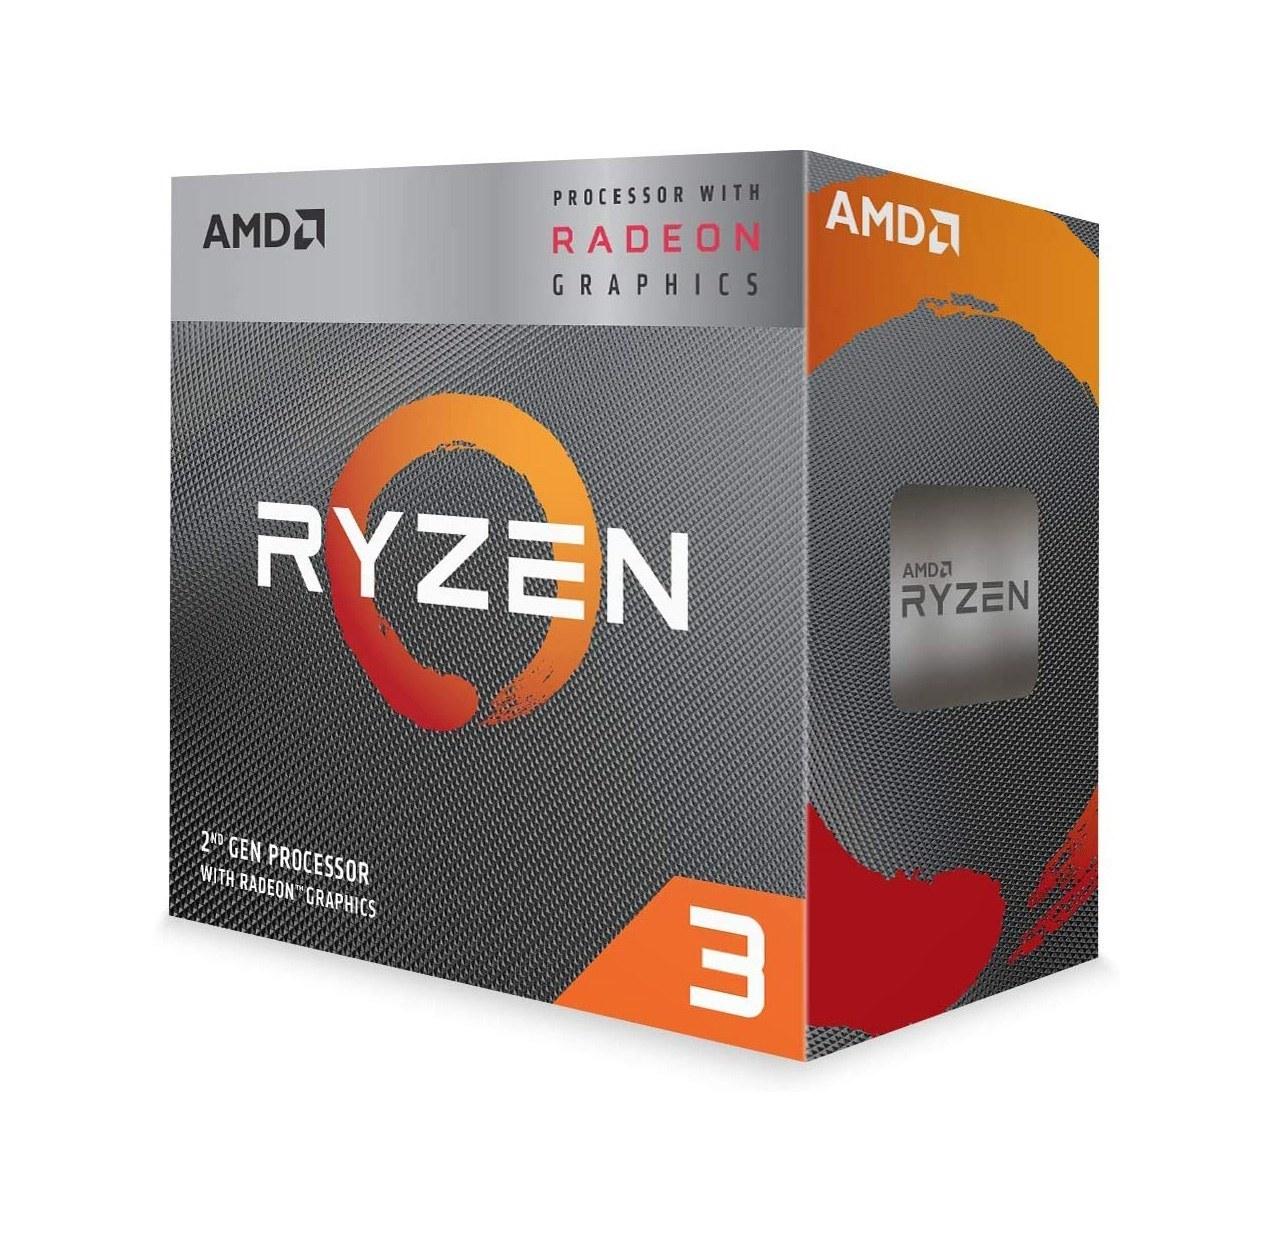 تصویر پردازنده مرکزی ای ام دی مدل AMD Ryzen 3 3200G CPU AMD Ryzen 3 3200g